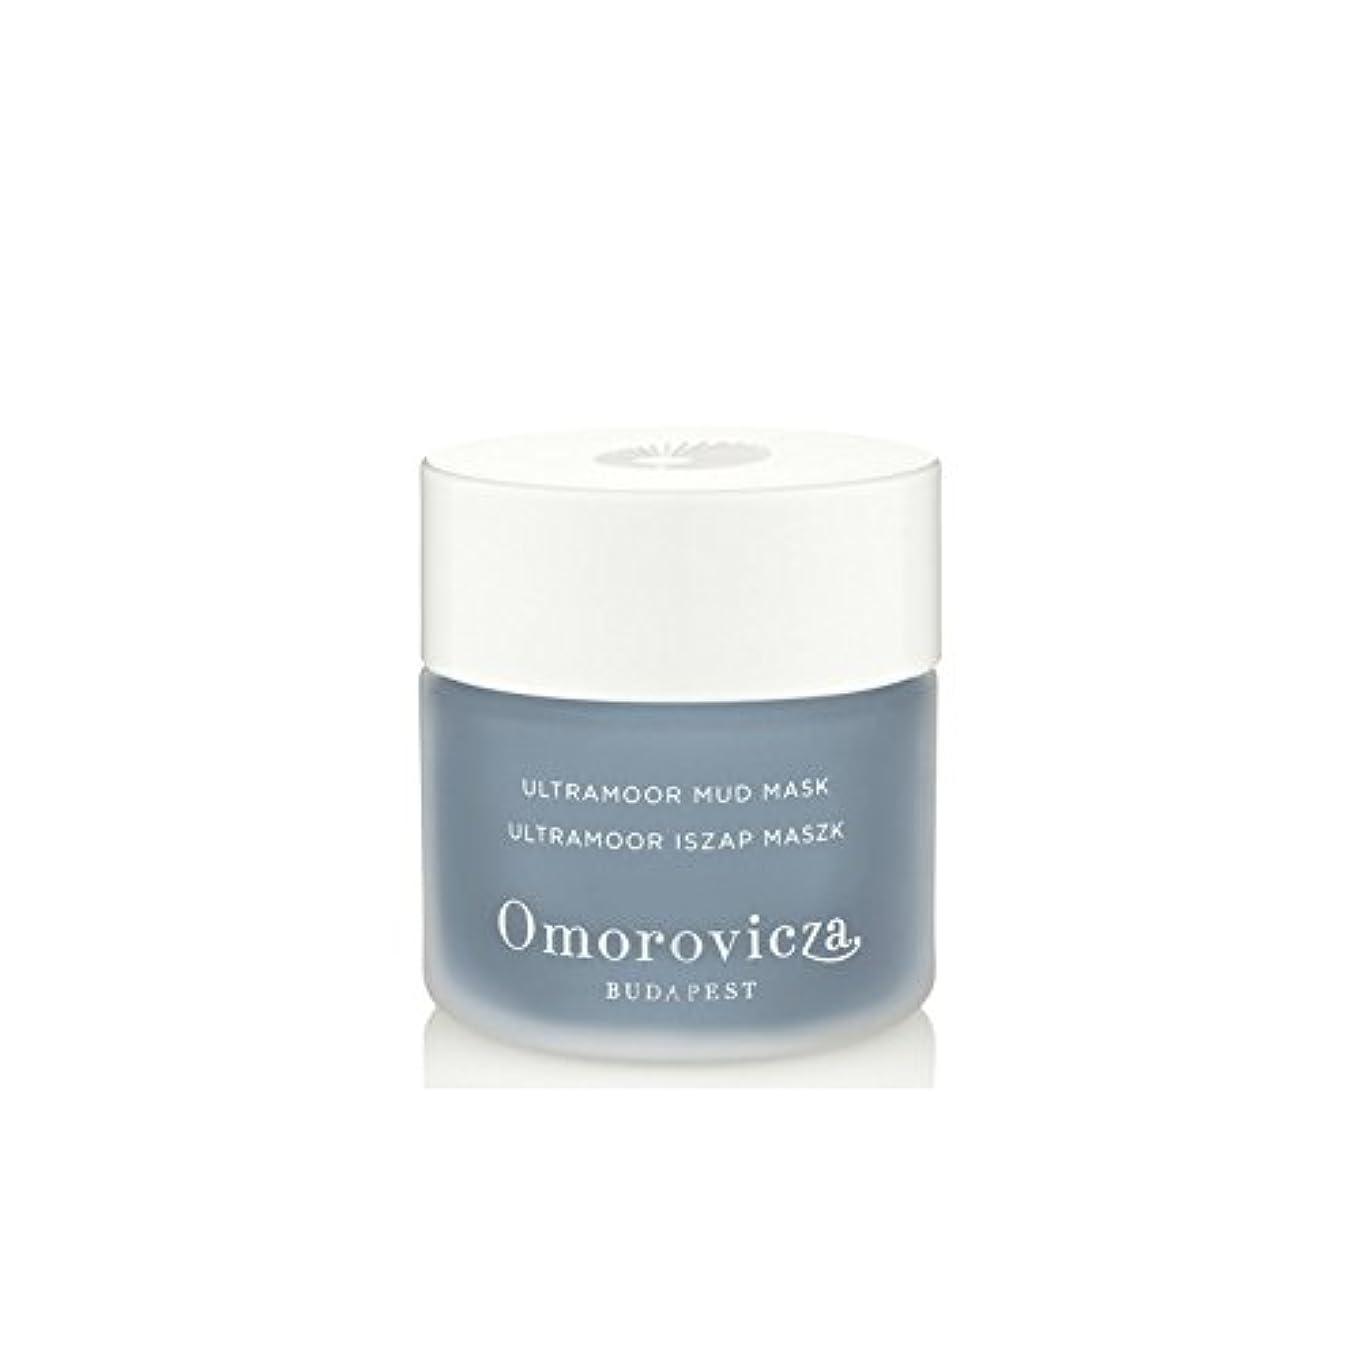 シビック浸食急いで泥マスク(50ミリリットル) x2 - Omorovicza Ultramoor Mud Mask (50ml) (Pack of 2) [並行輸入品]